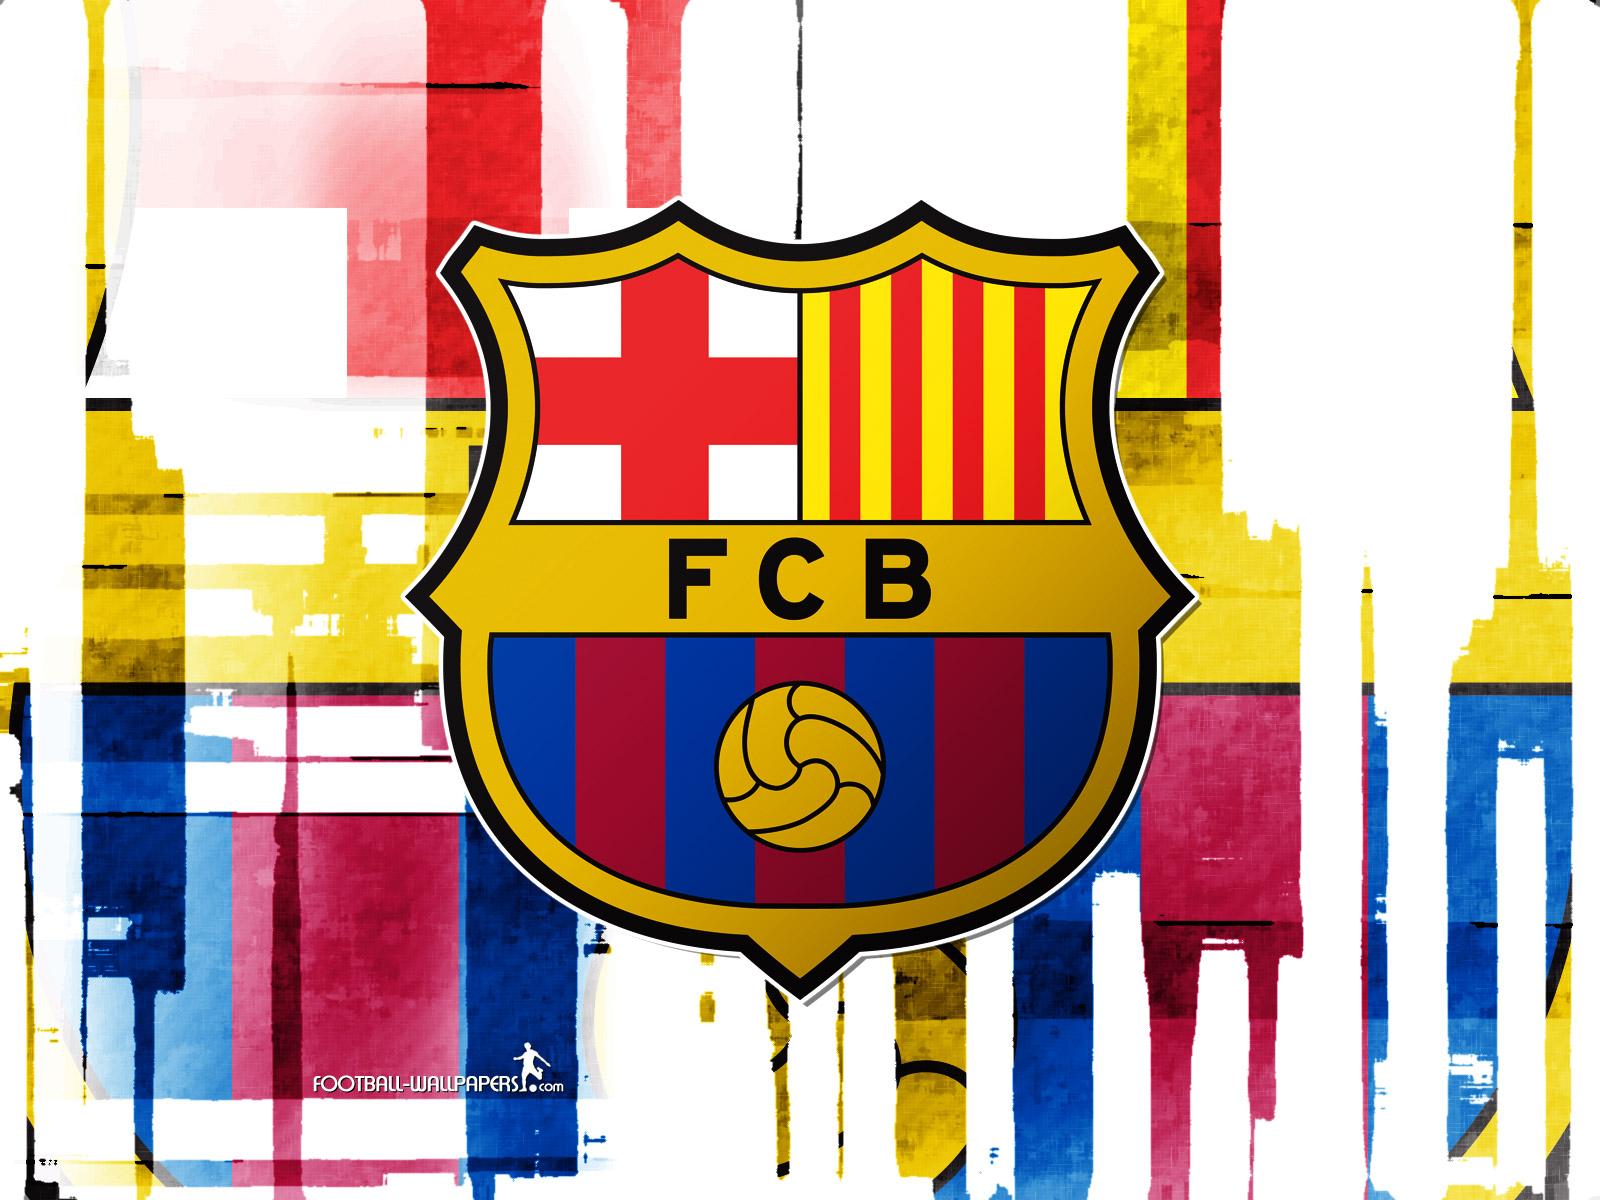 Imagenes De Logotipos De Futbol - Escudos de equipos de fútbol Liga Fútbol